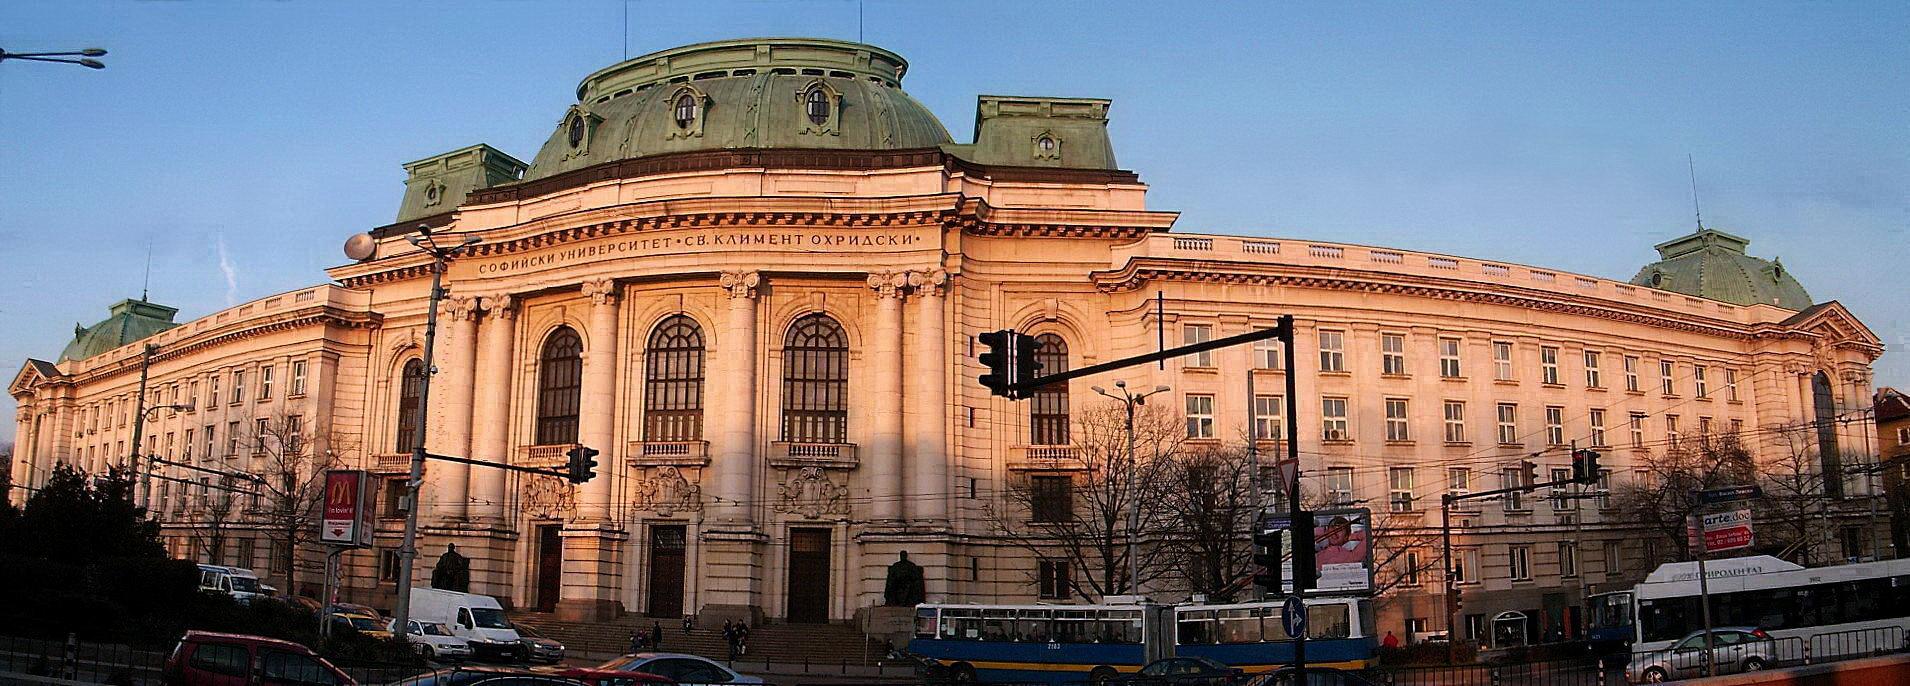 Πανεπιστήμιο της Σόφιας